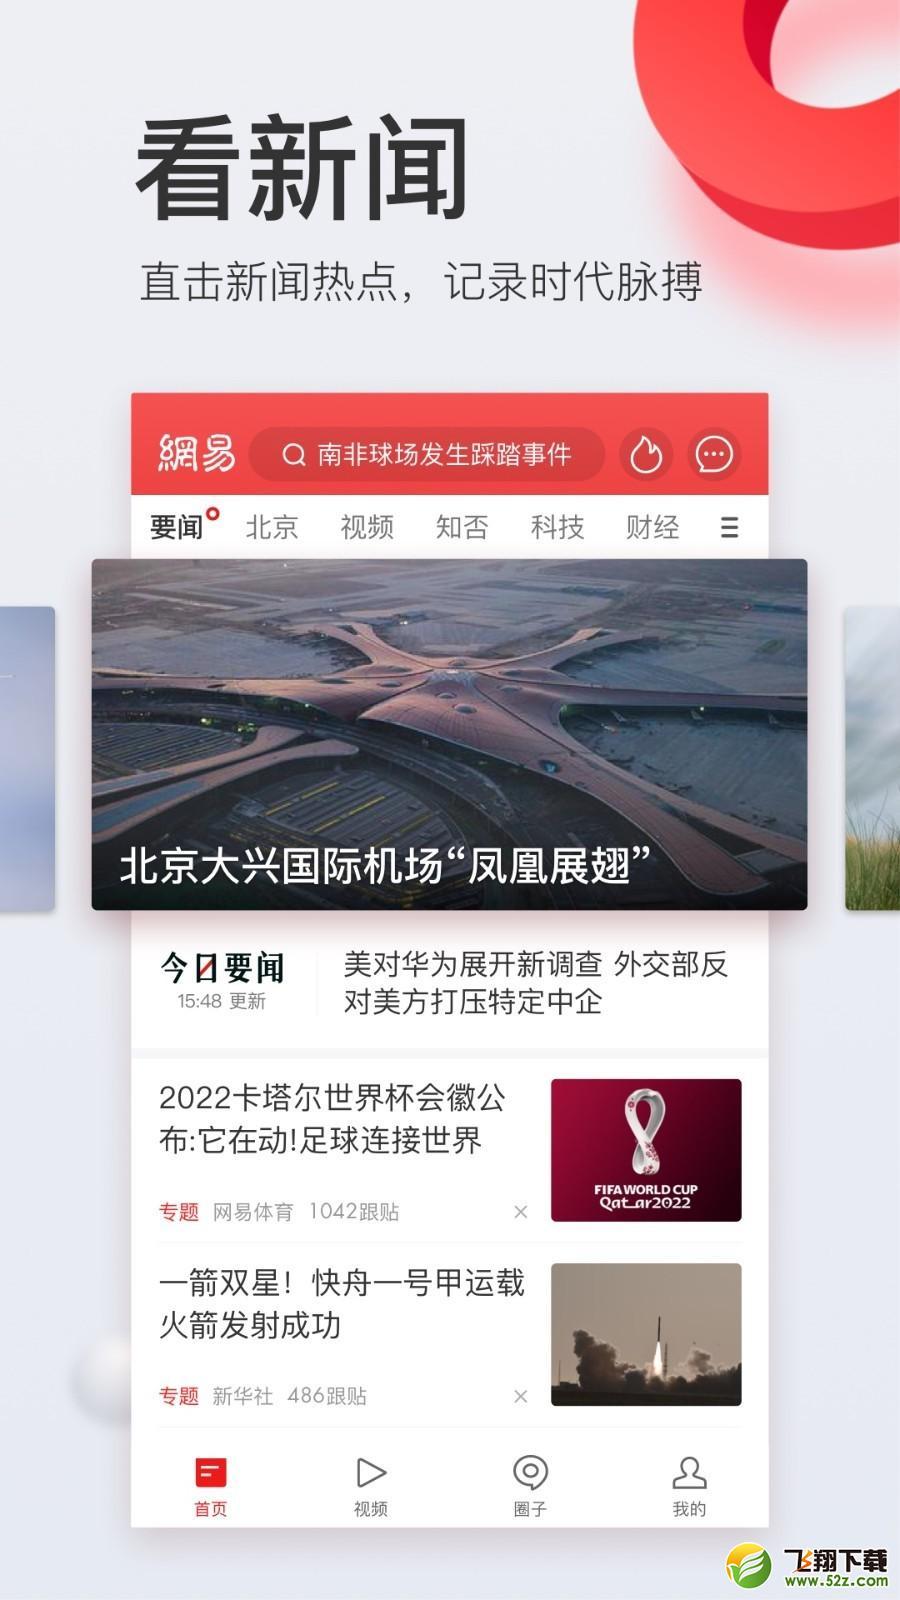 网易新闻_52z.com